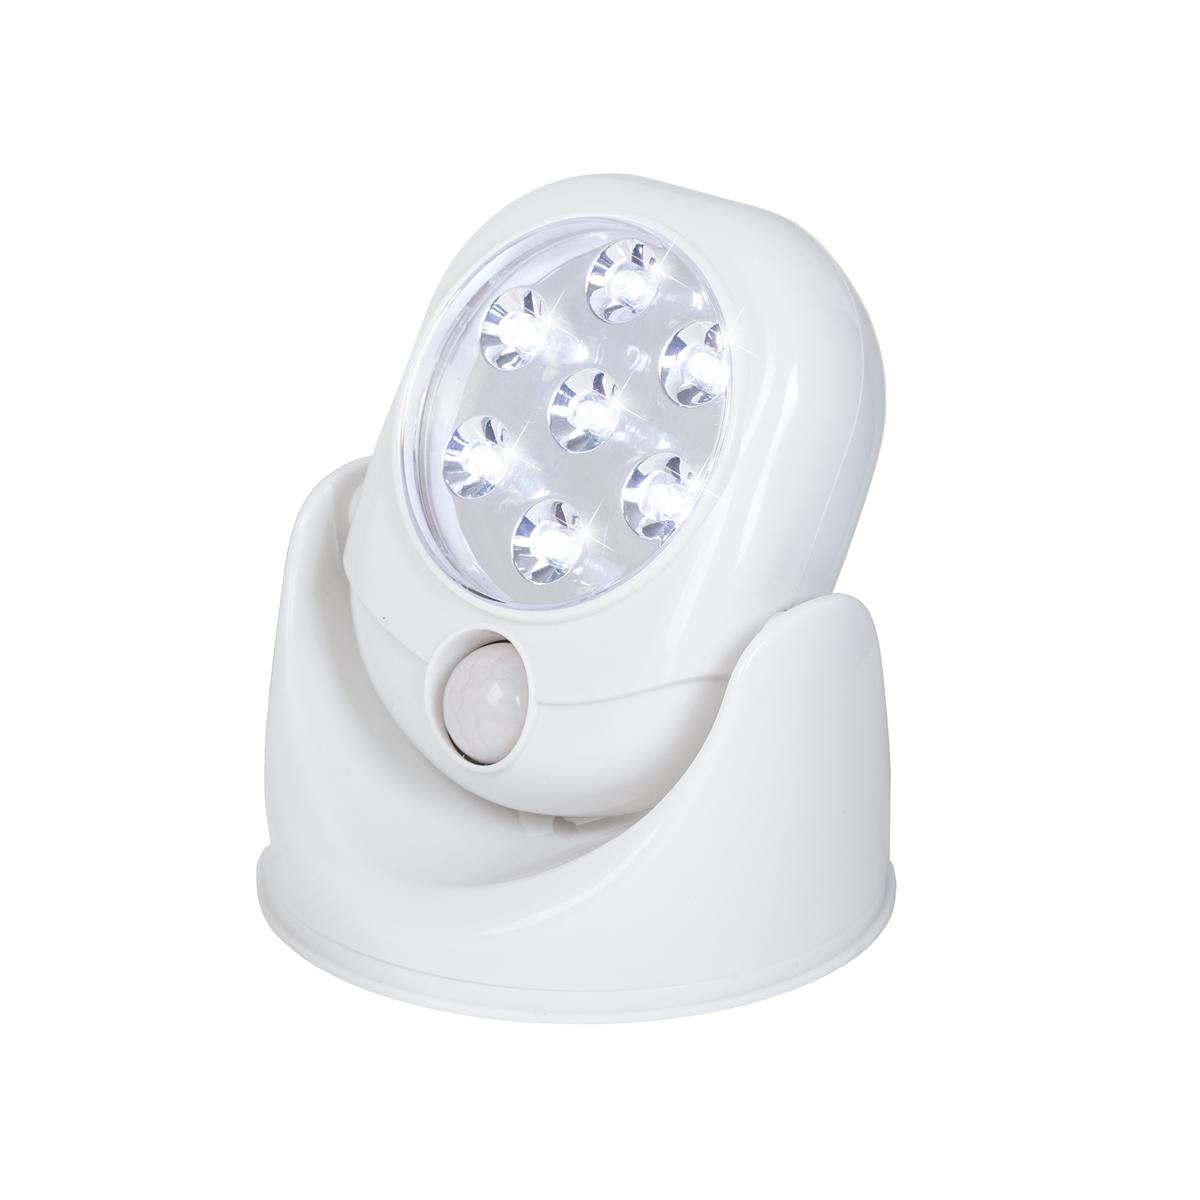 jml sensor bright led light motion activated sensor indoor. Black Bedroom Furniture Sets. Home Design Ideas